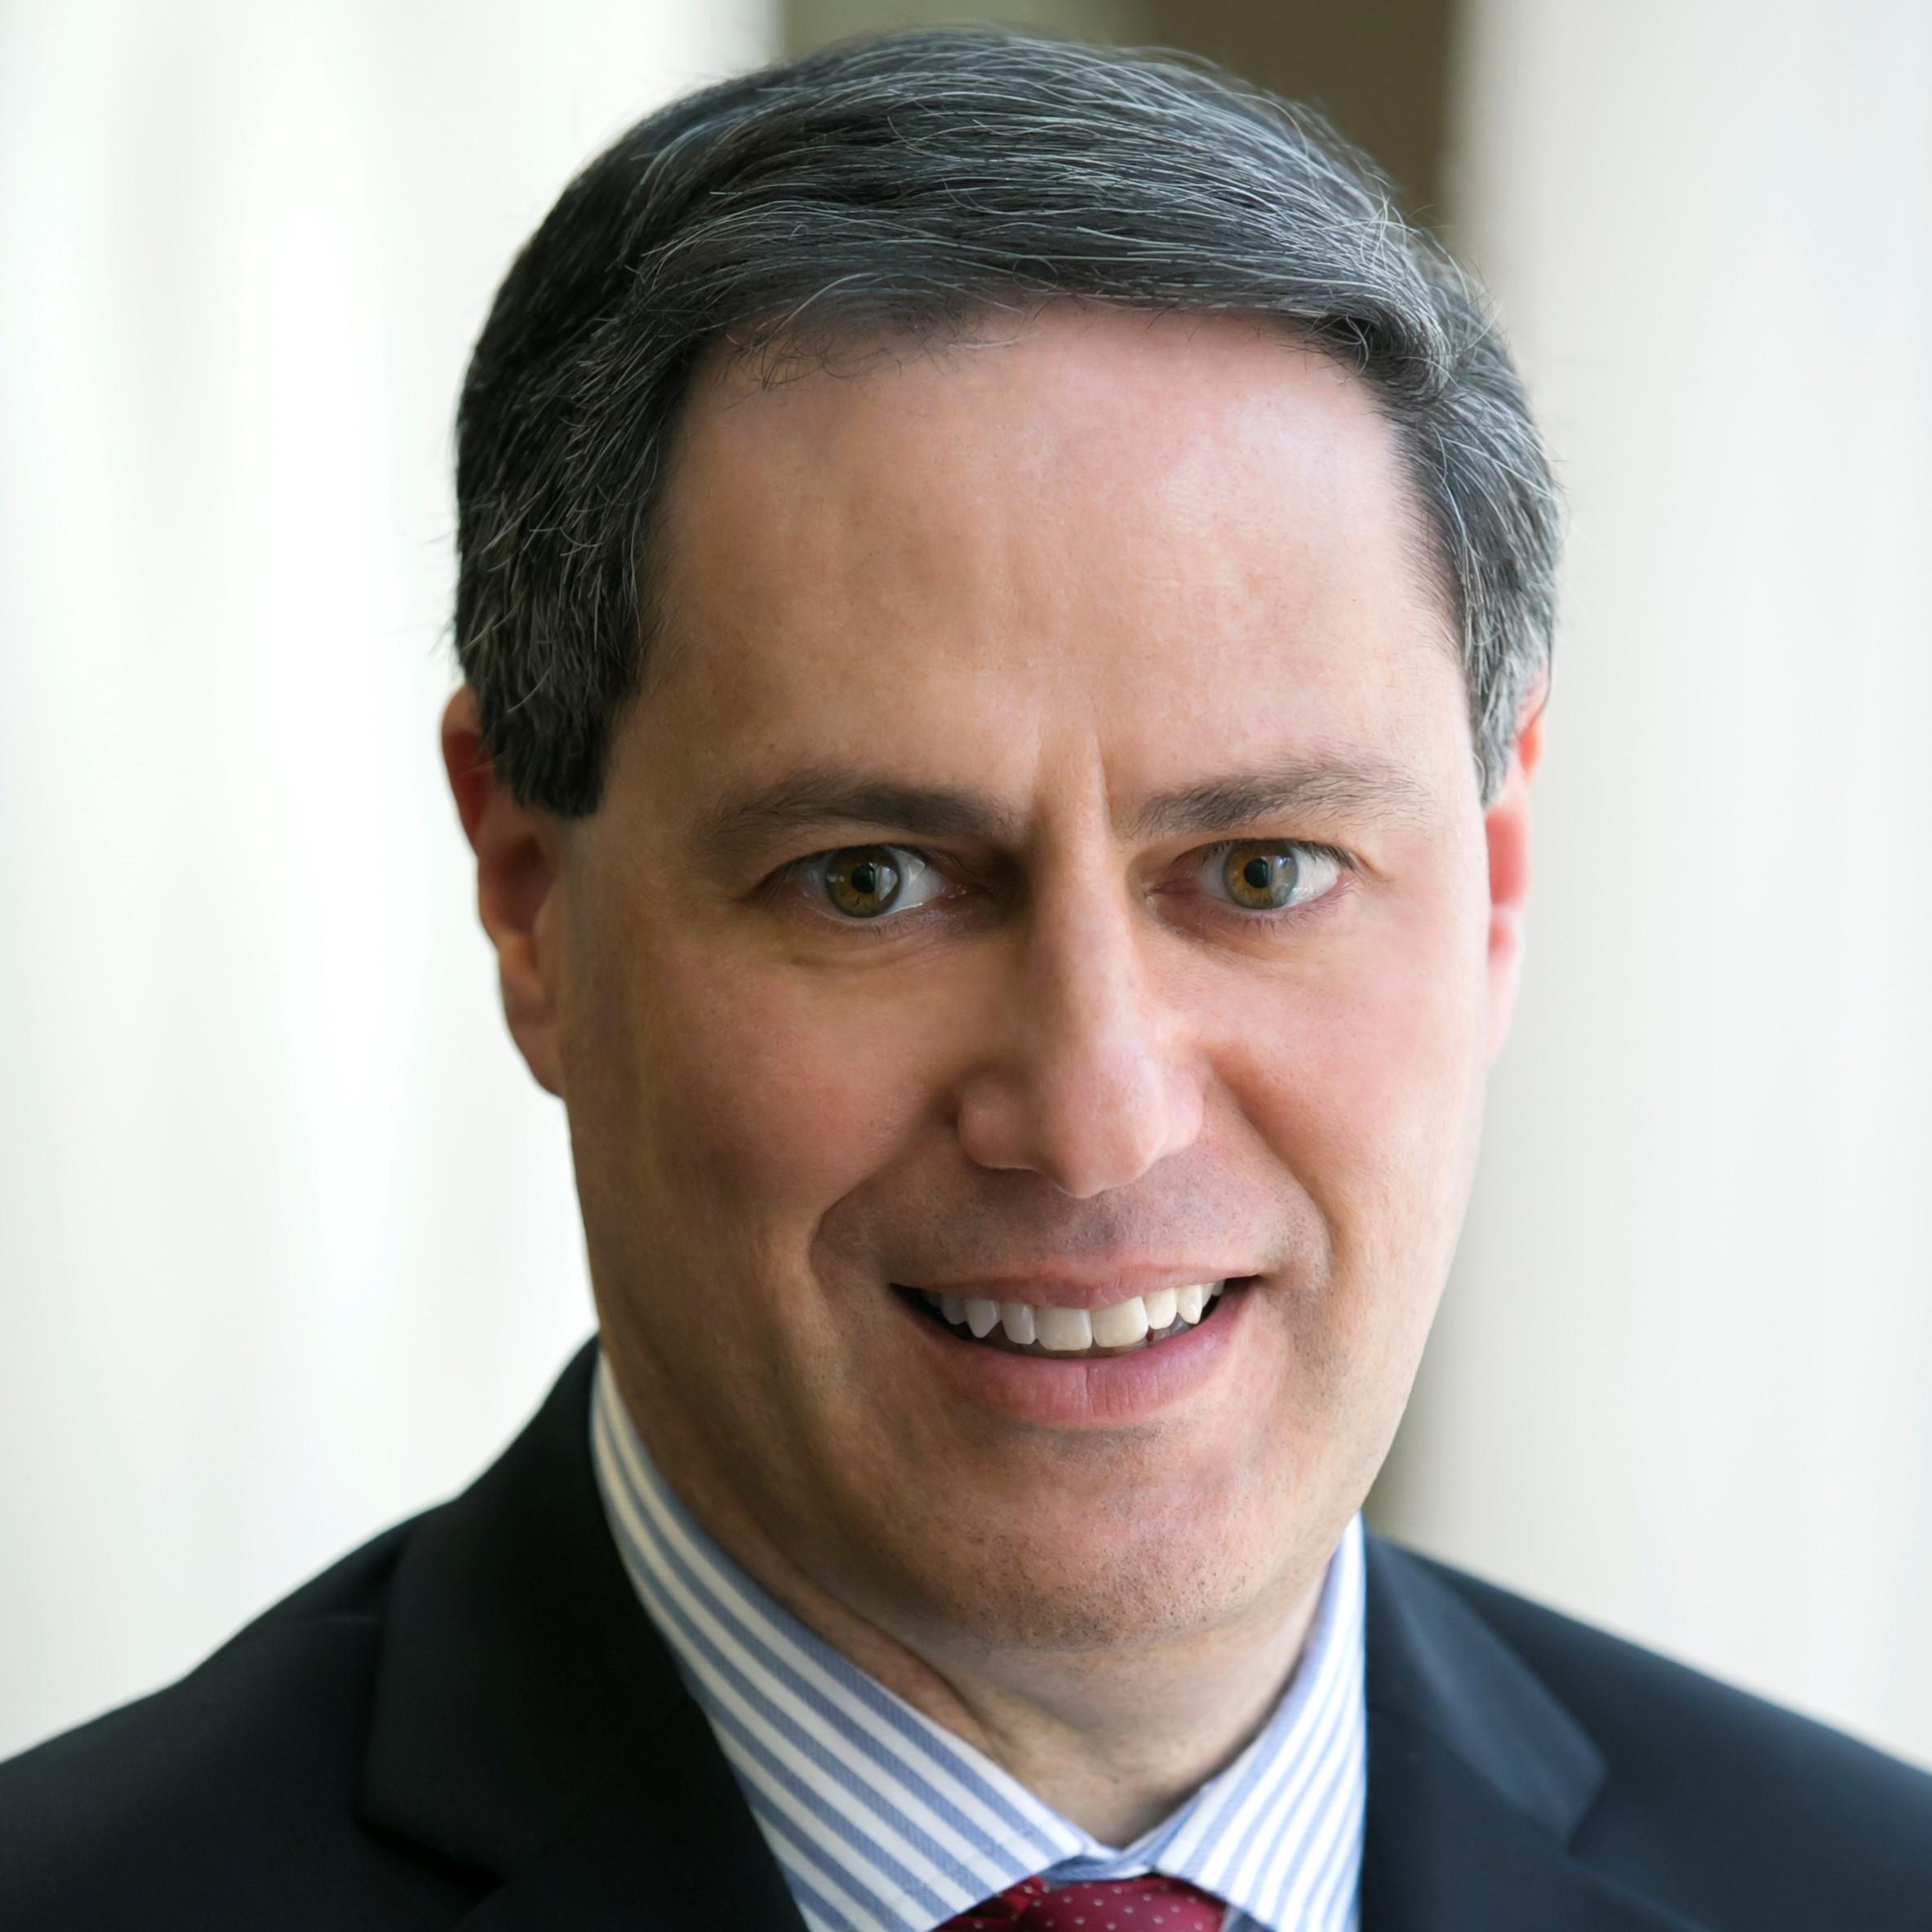 Matt Bergheiser